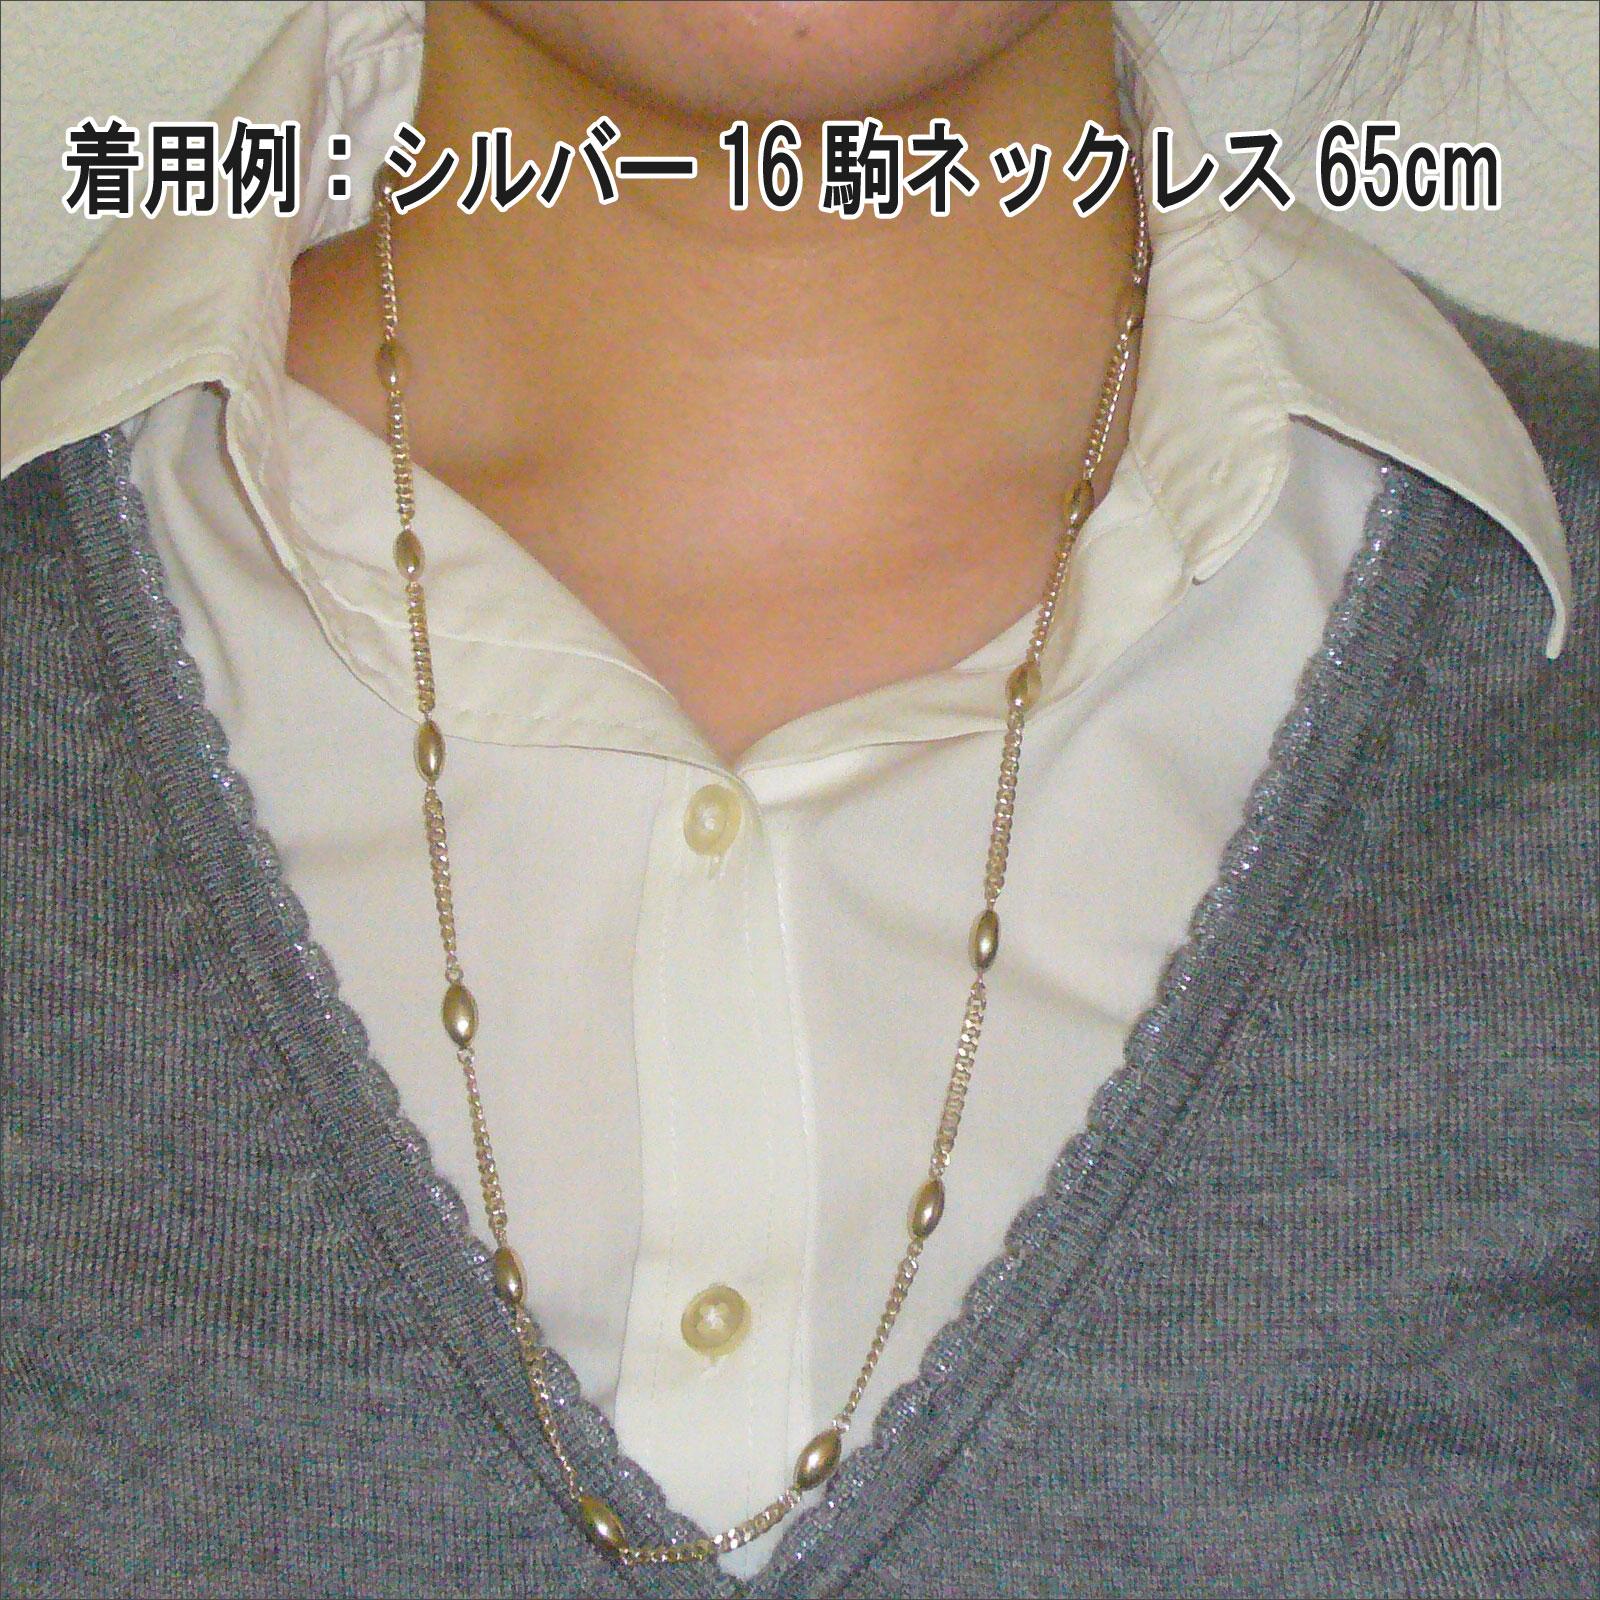 c着用例:シルバー16駒ネックレス65cm